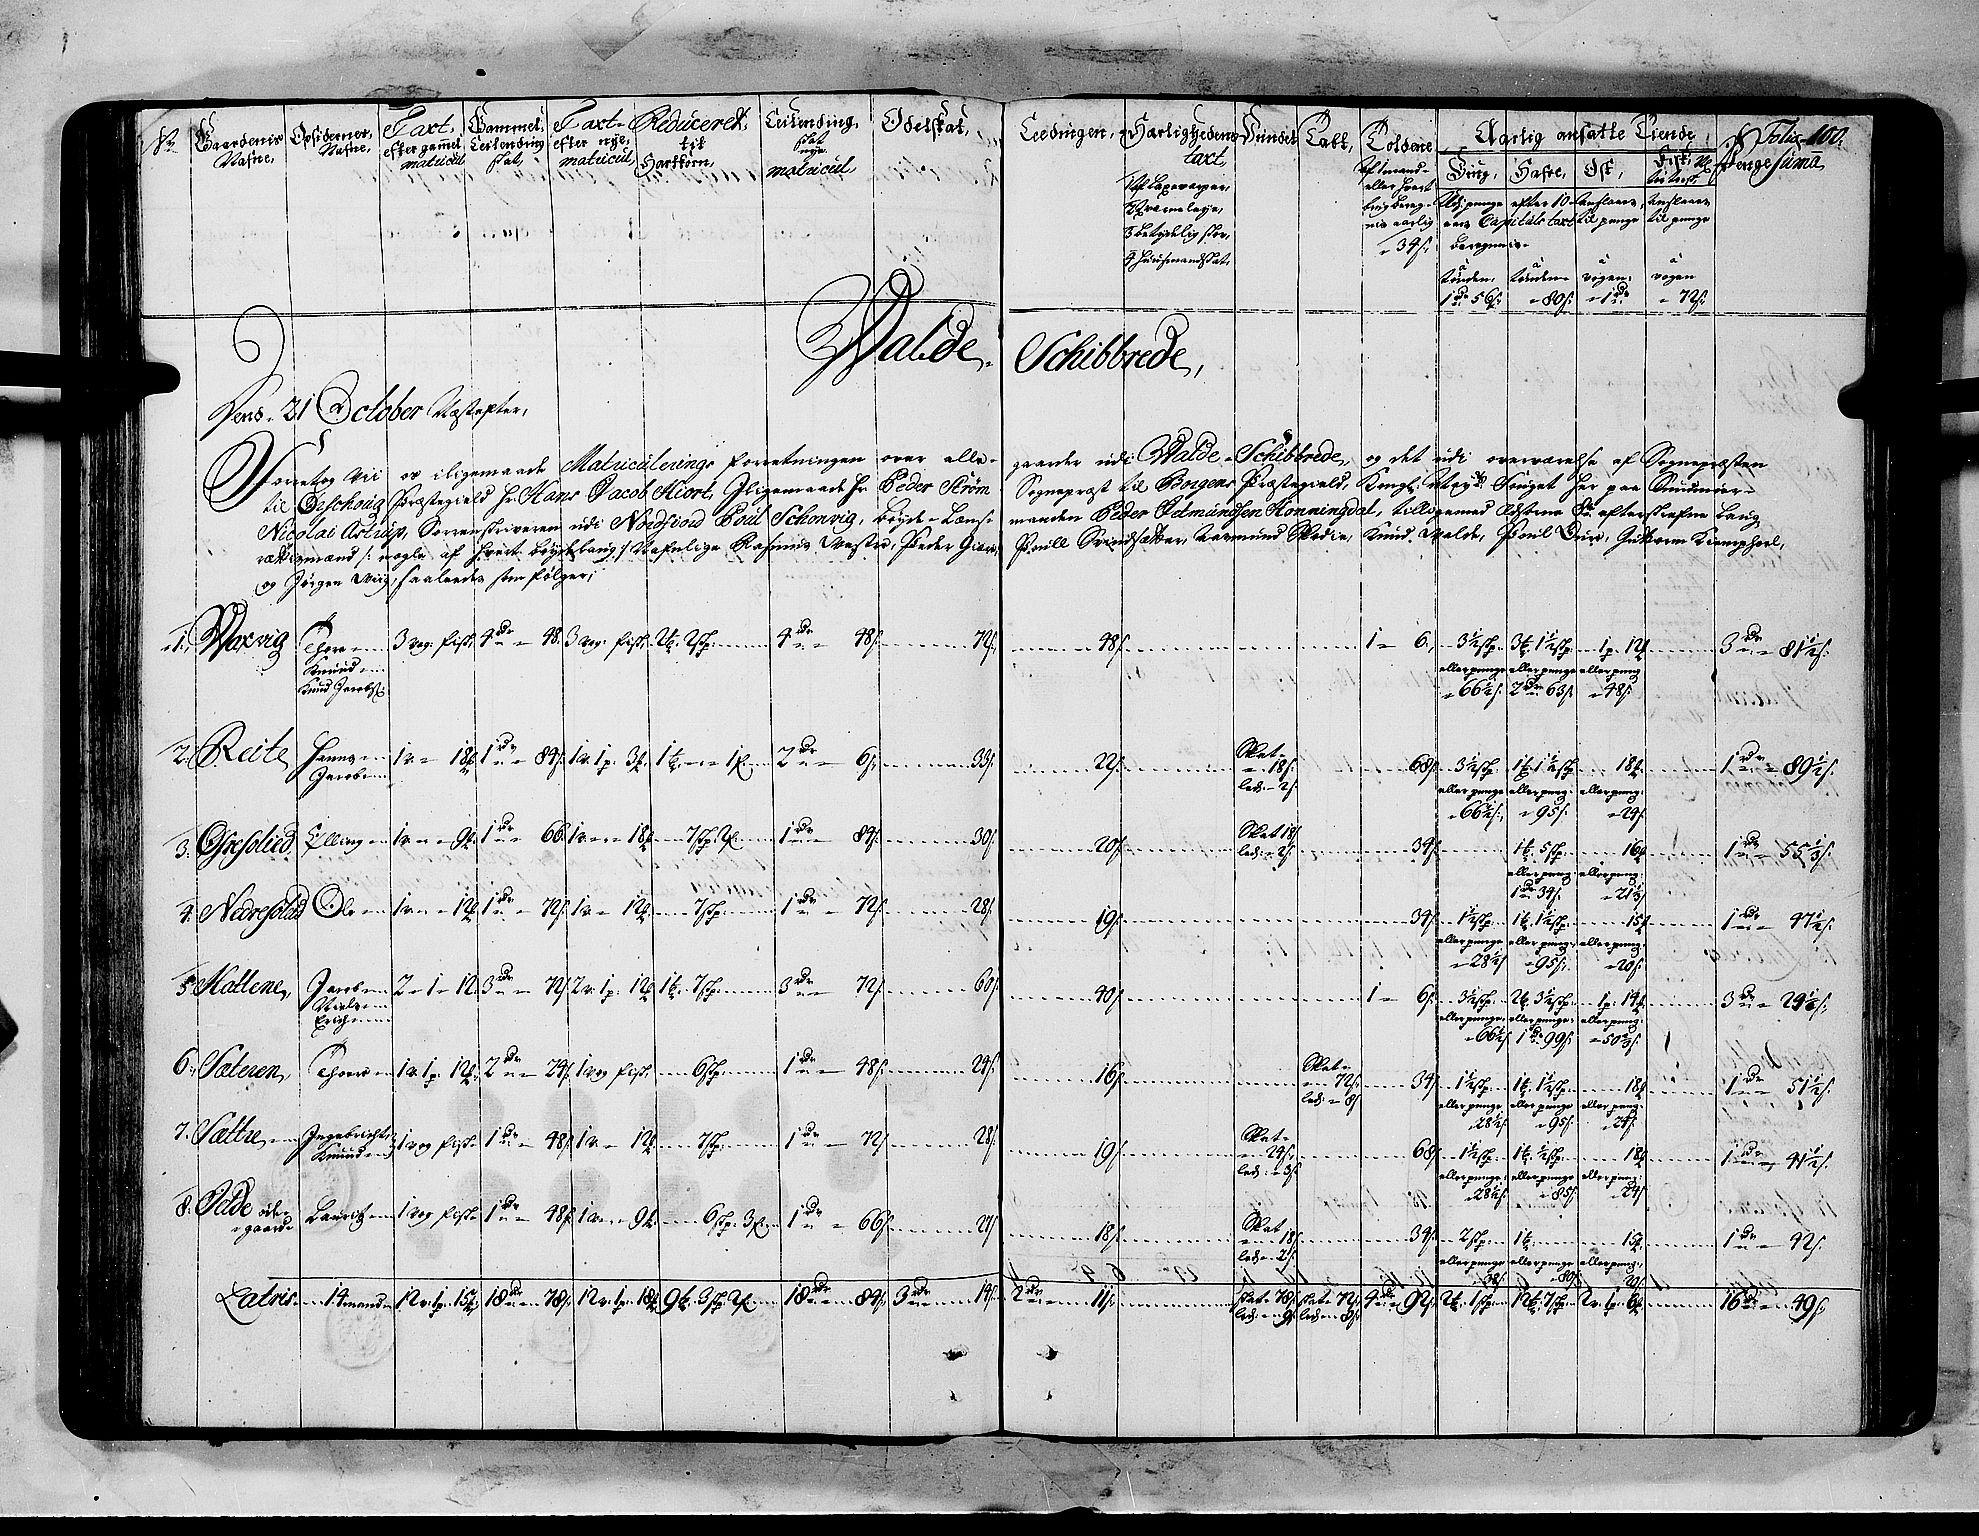 RA, Rentekammeret inntil 1814, Realistisk ordnet avdeling, N/Nb/Nbf/L0151: Sunnmøre matrikkelprotokoll, 1724, s. 99b-100a